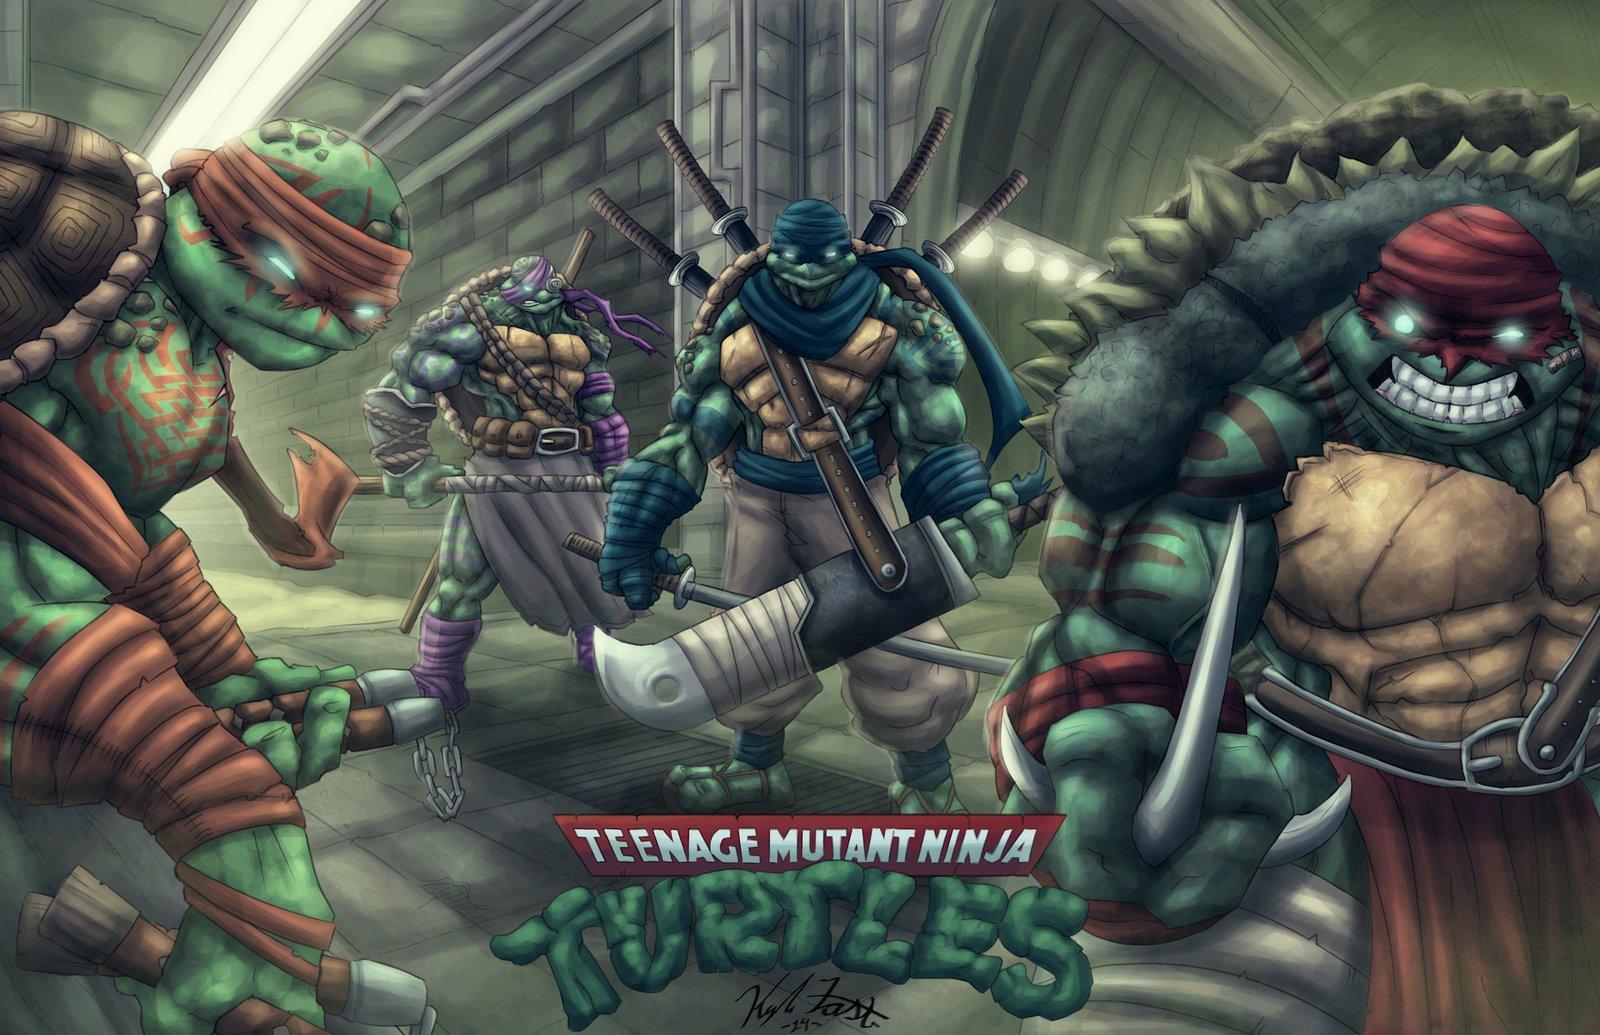 вот картинки черепашки ниндзя монстры против мутантов зона побережье